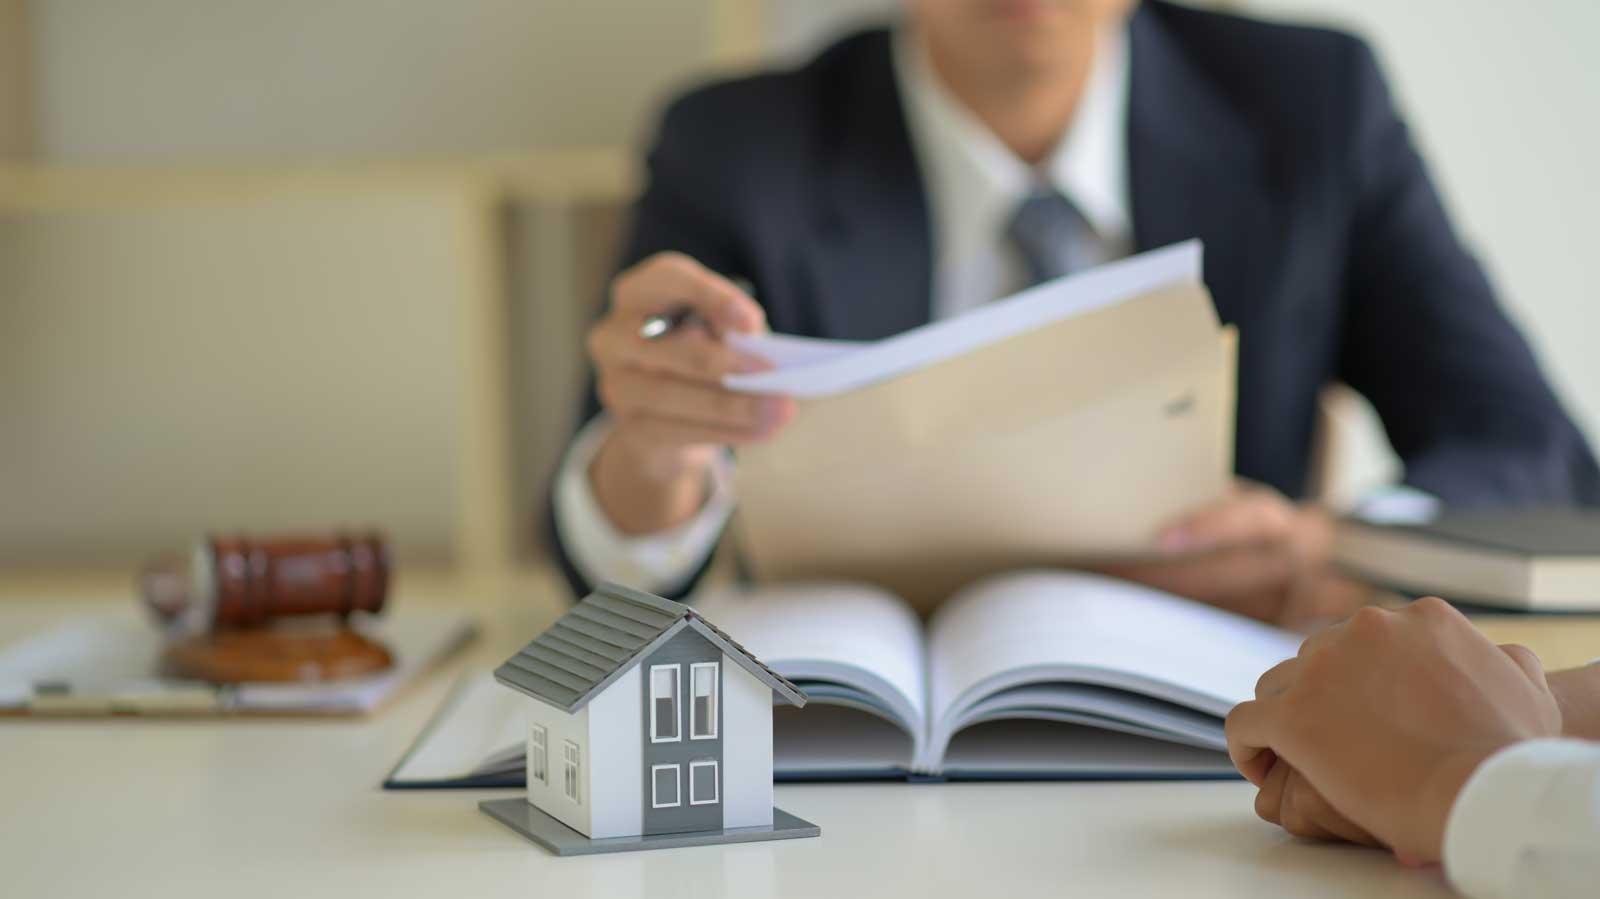 acquisto abitazione - il ruolo del notaio